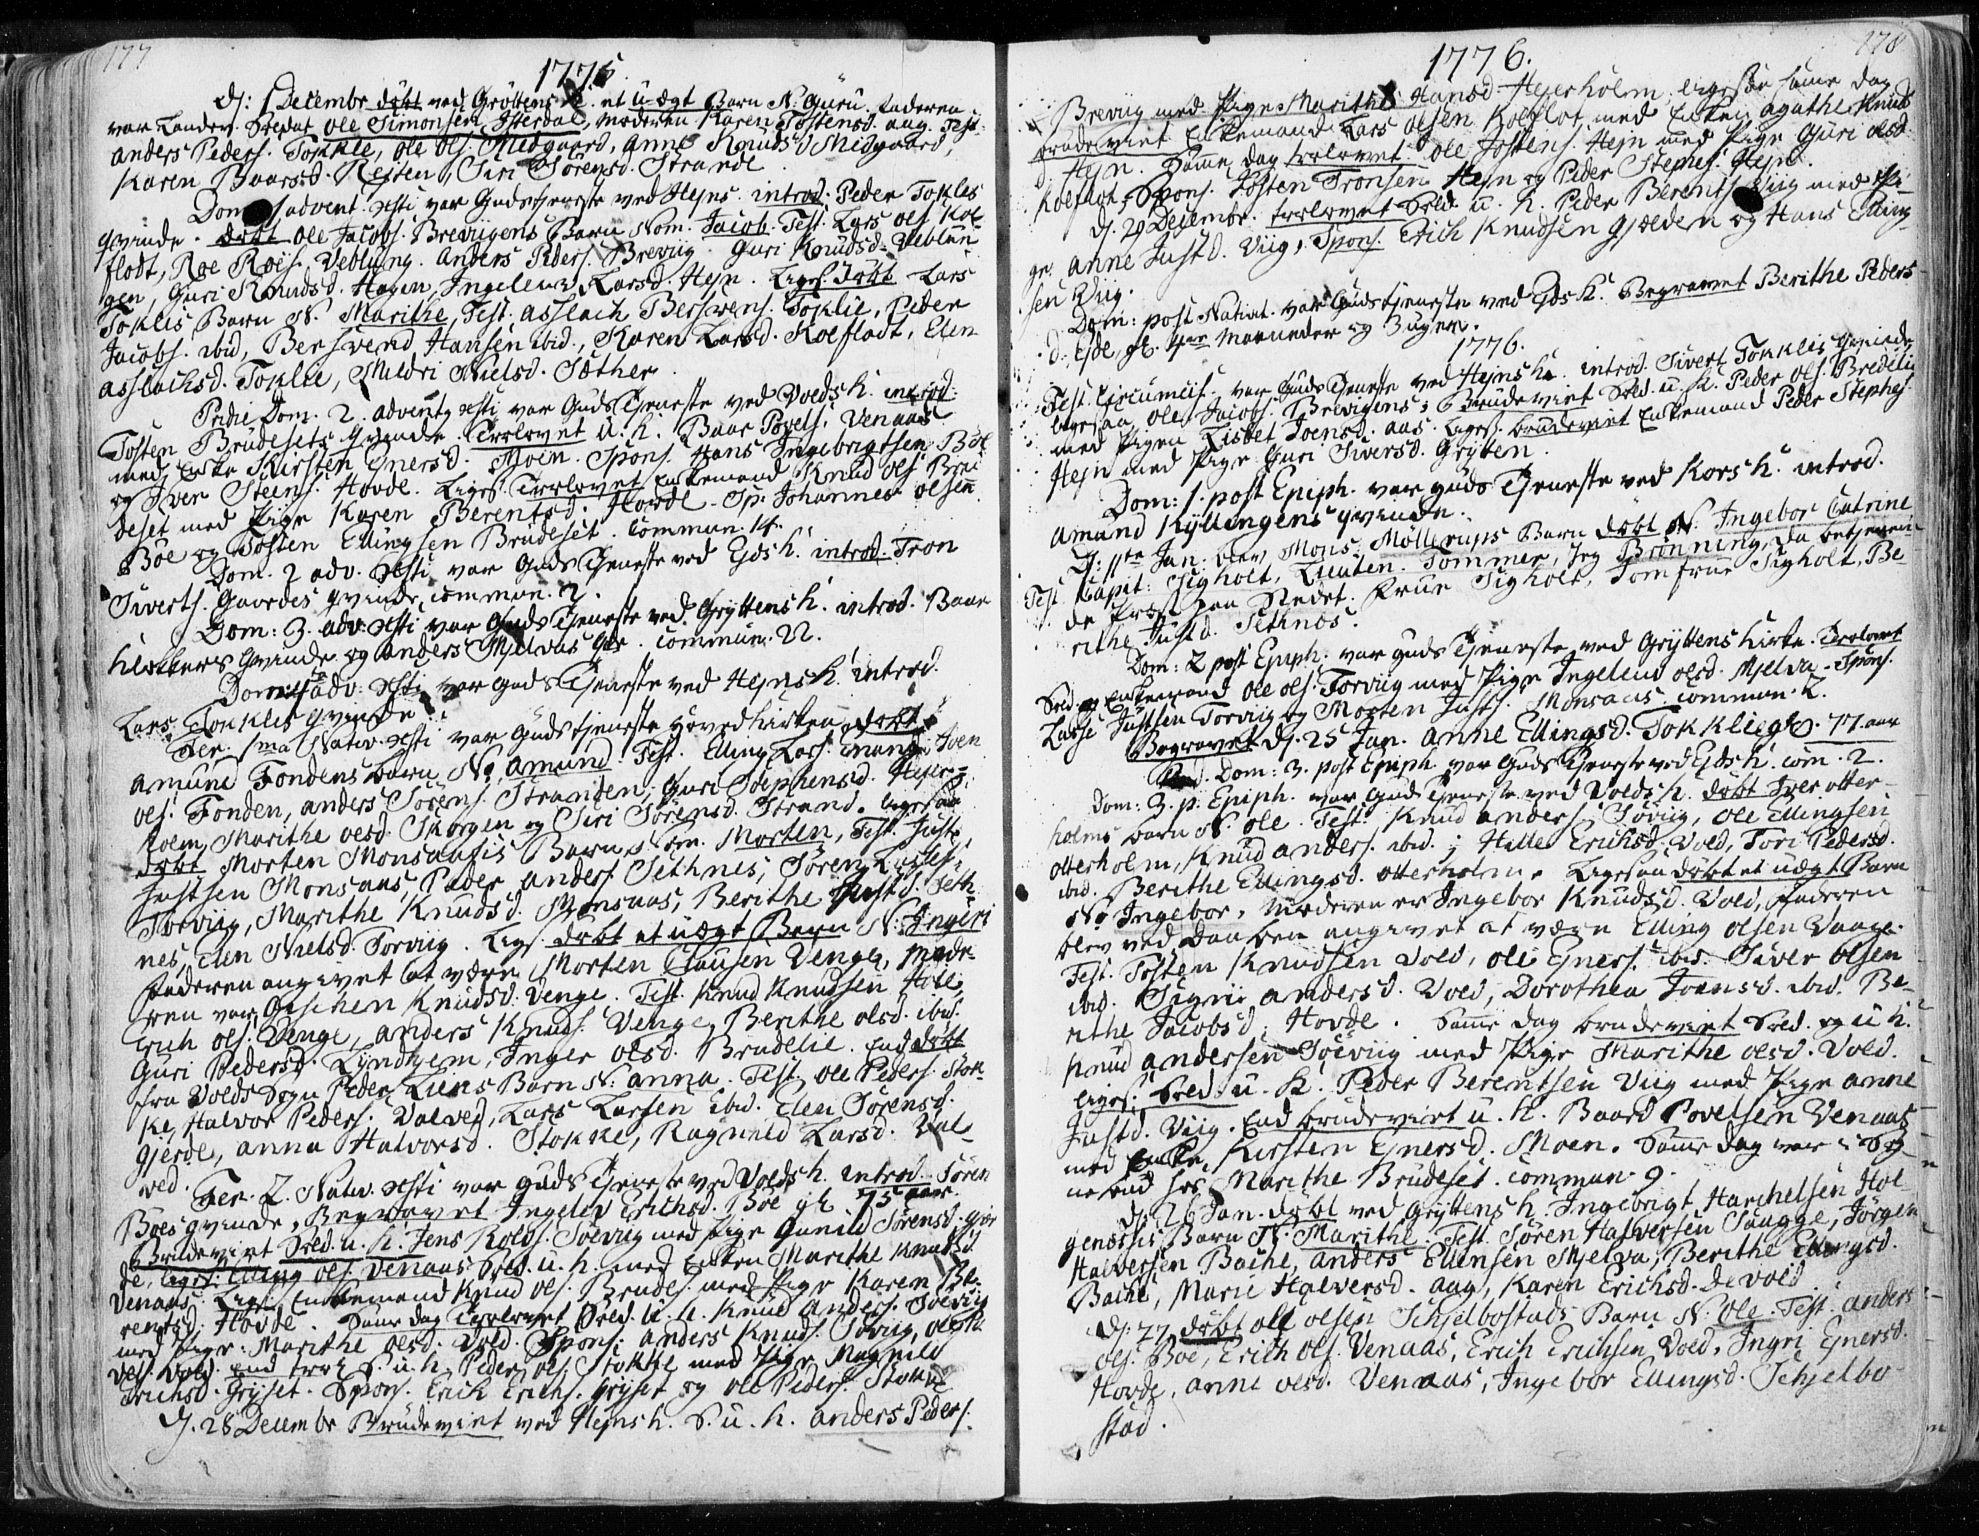 SAT, Ministerialprotokoller, klokkerbøker og fødselsregistre - Møre og Romsdal, 544/L0569: Ministerialbok nr. 544A02, 1764-1806, s. 177-178